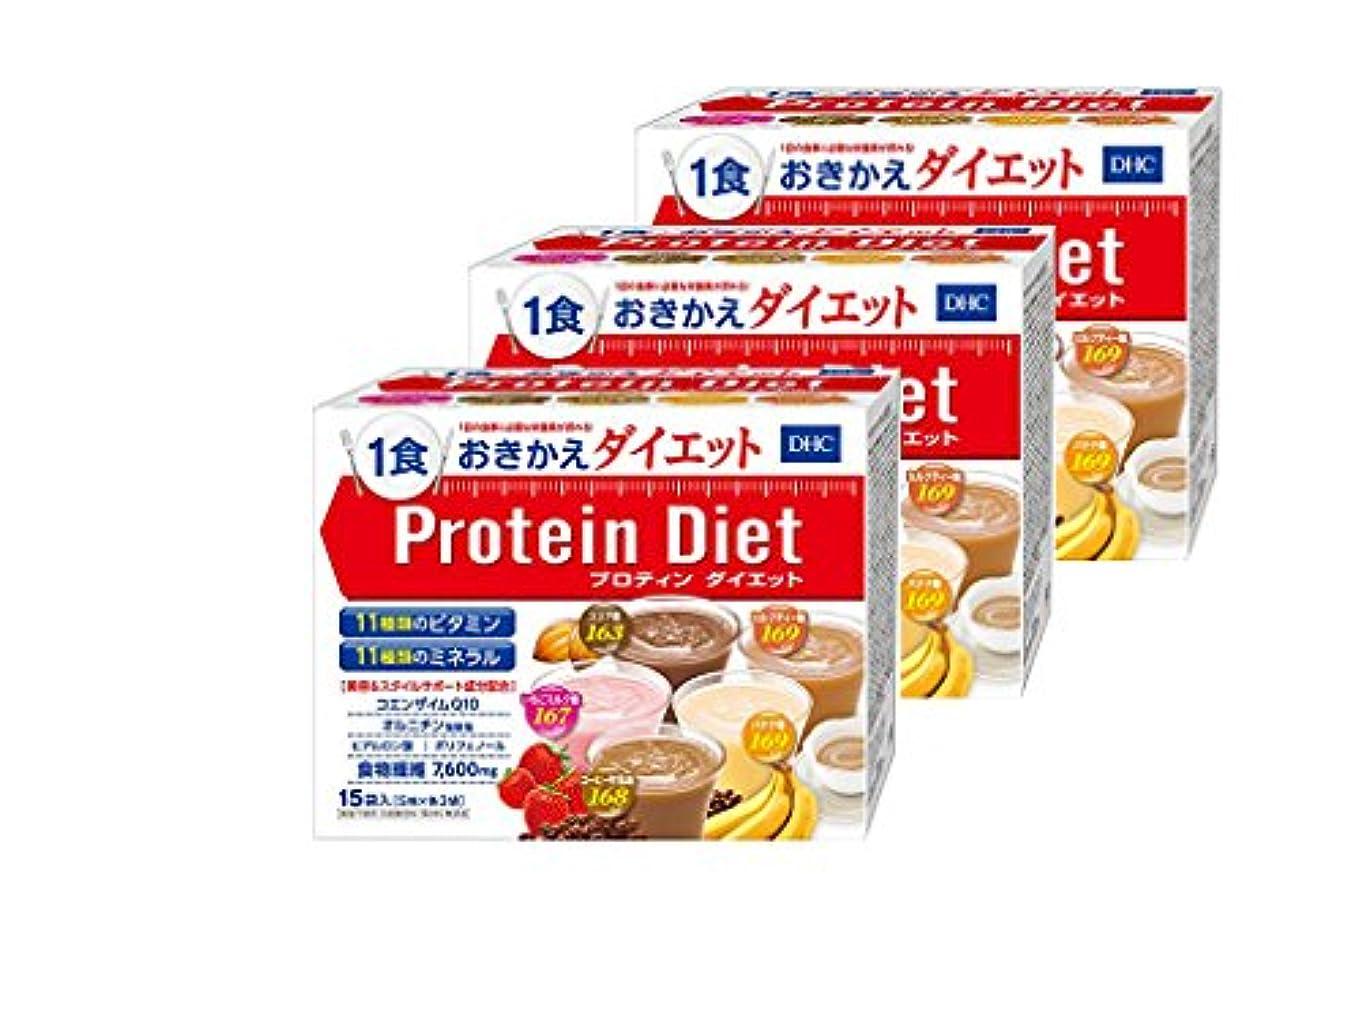 かかわらず誤解させるぶどうDHC プロティンダイエット 1箱15袋入 3箱セット 1食169kcal以下&栄養バッチリ! リニューアル